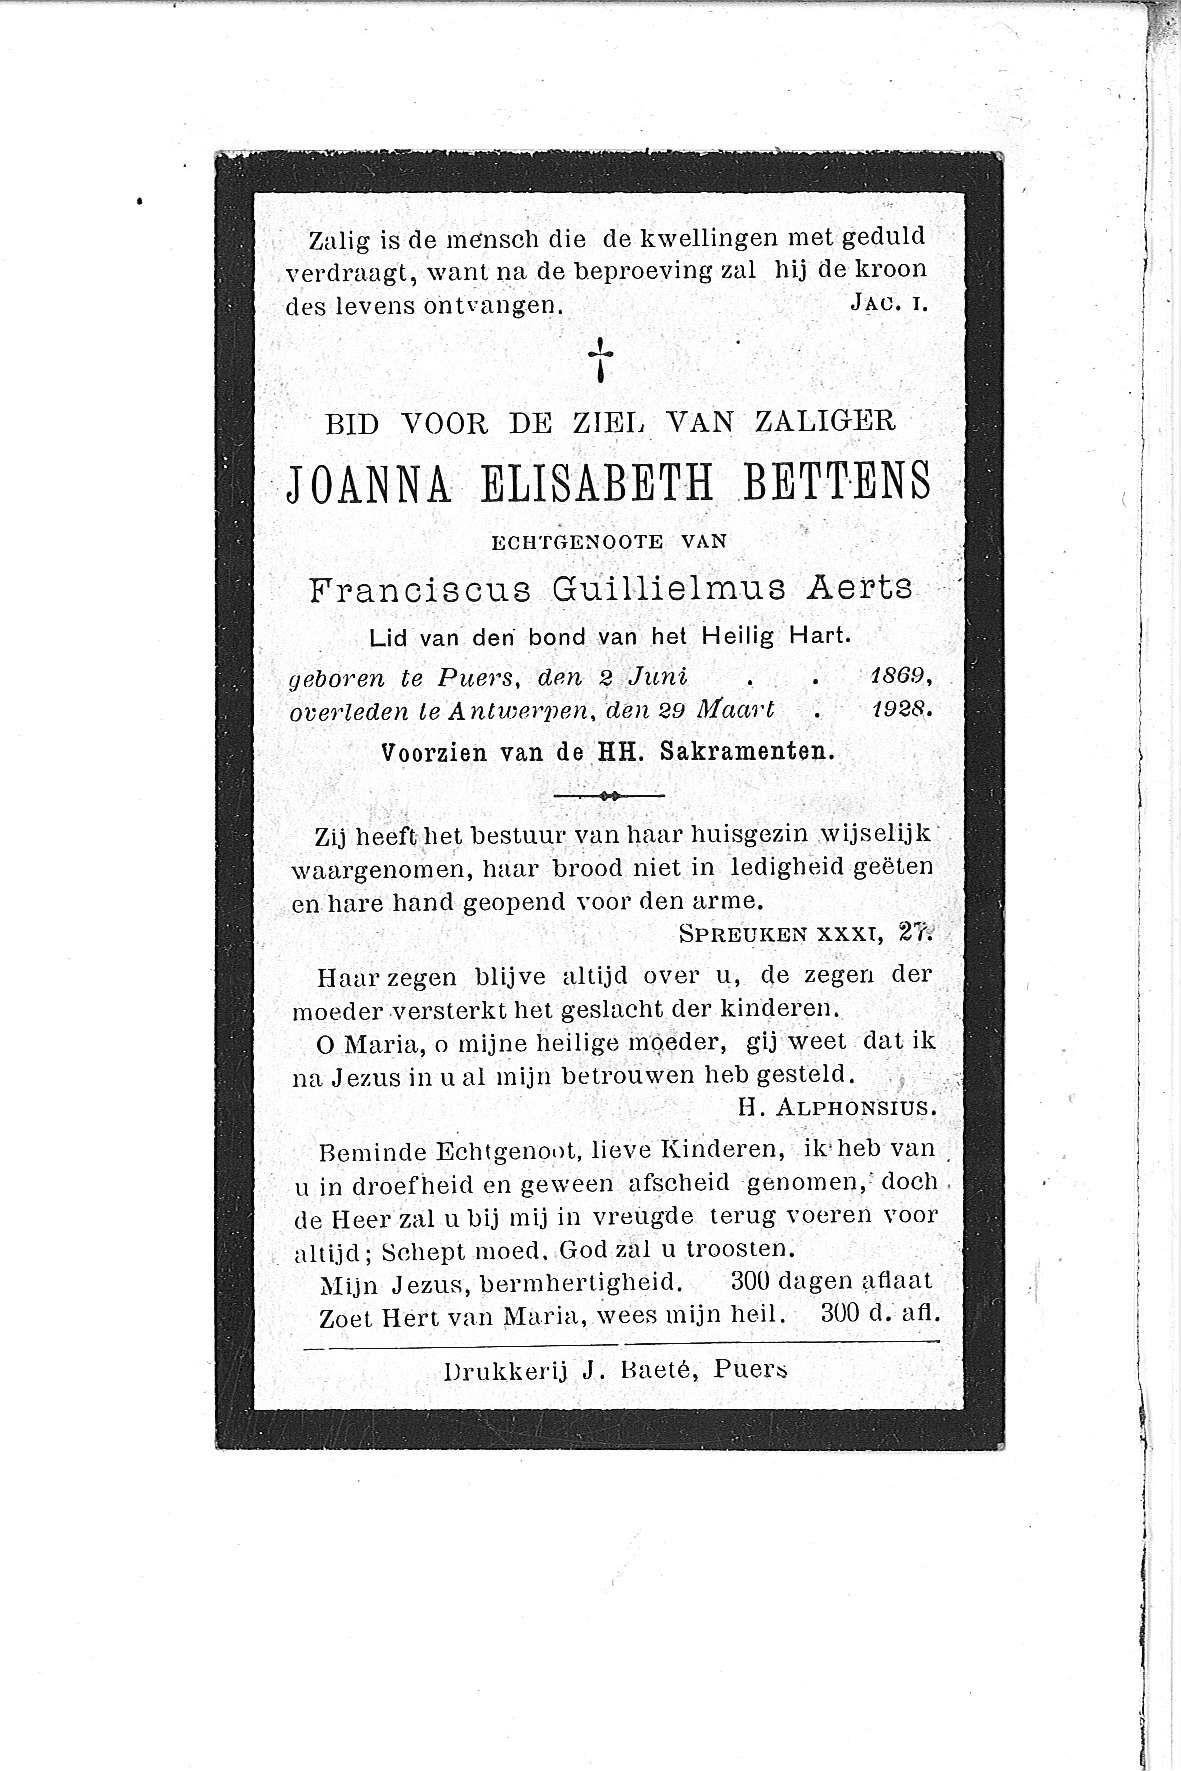 Joanna-Elisabeth(1928)20110204143043_00026.jpg